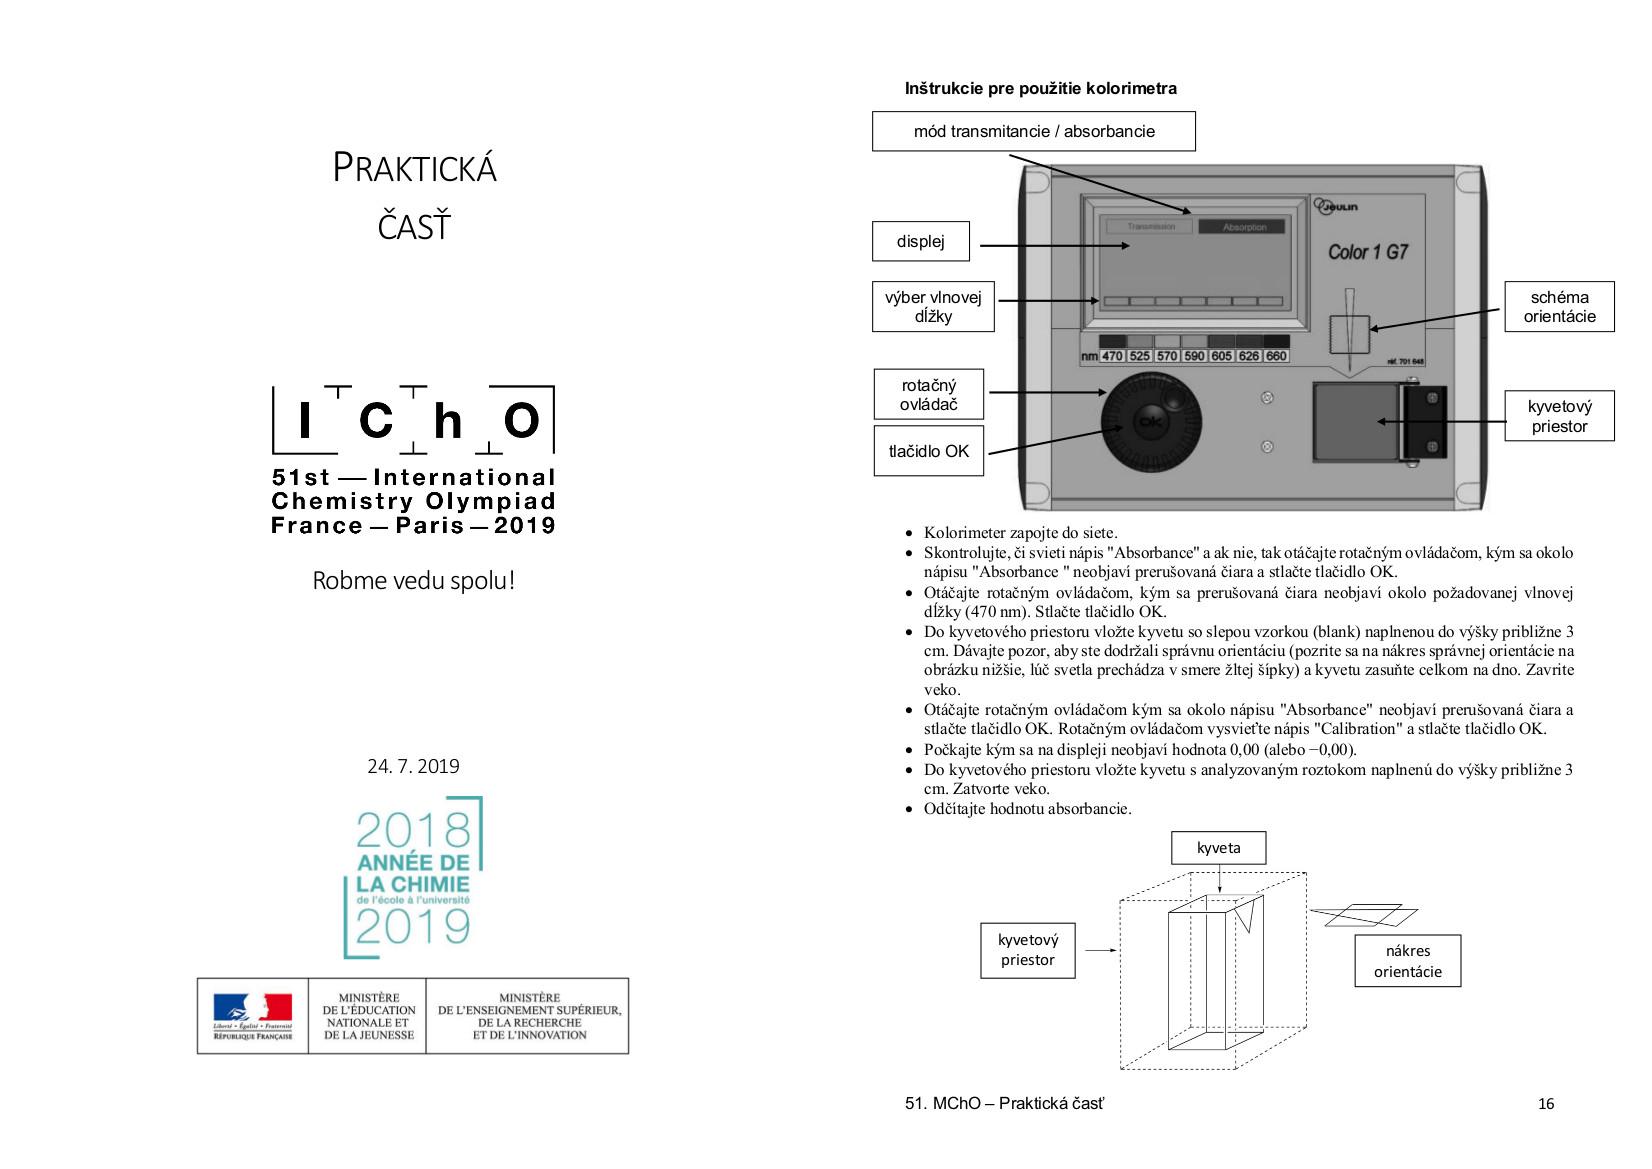 Ilustračný obrázok - zadanie praktickej časti 51. IChO